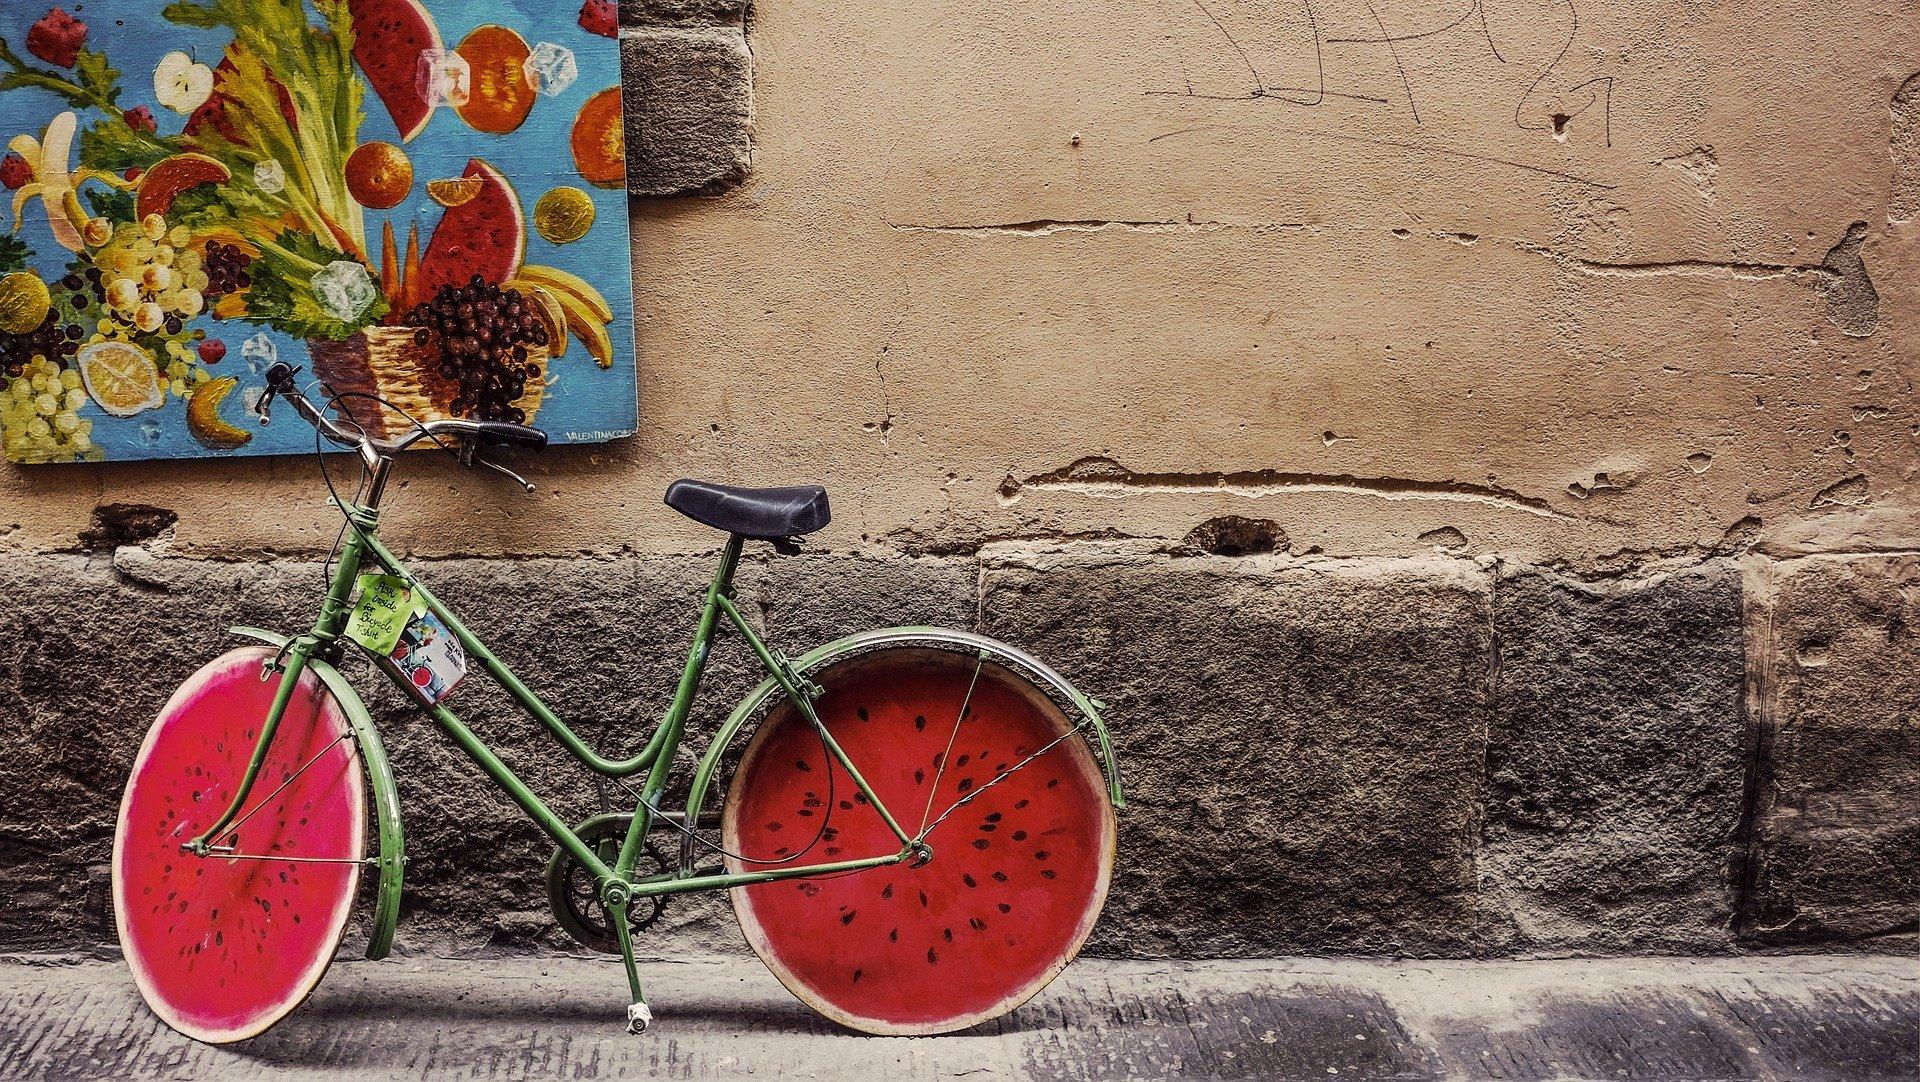 bicicletta con rote colorate a fetta di anguria, sotto un dipinto di frutta